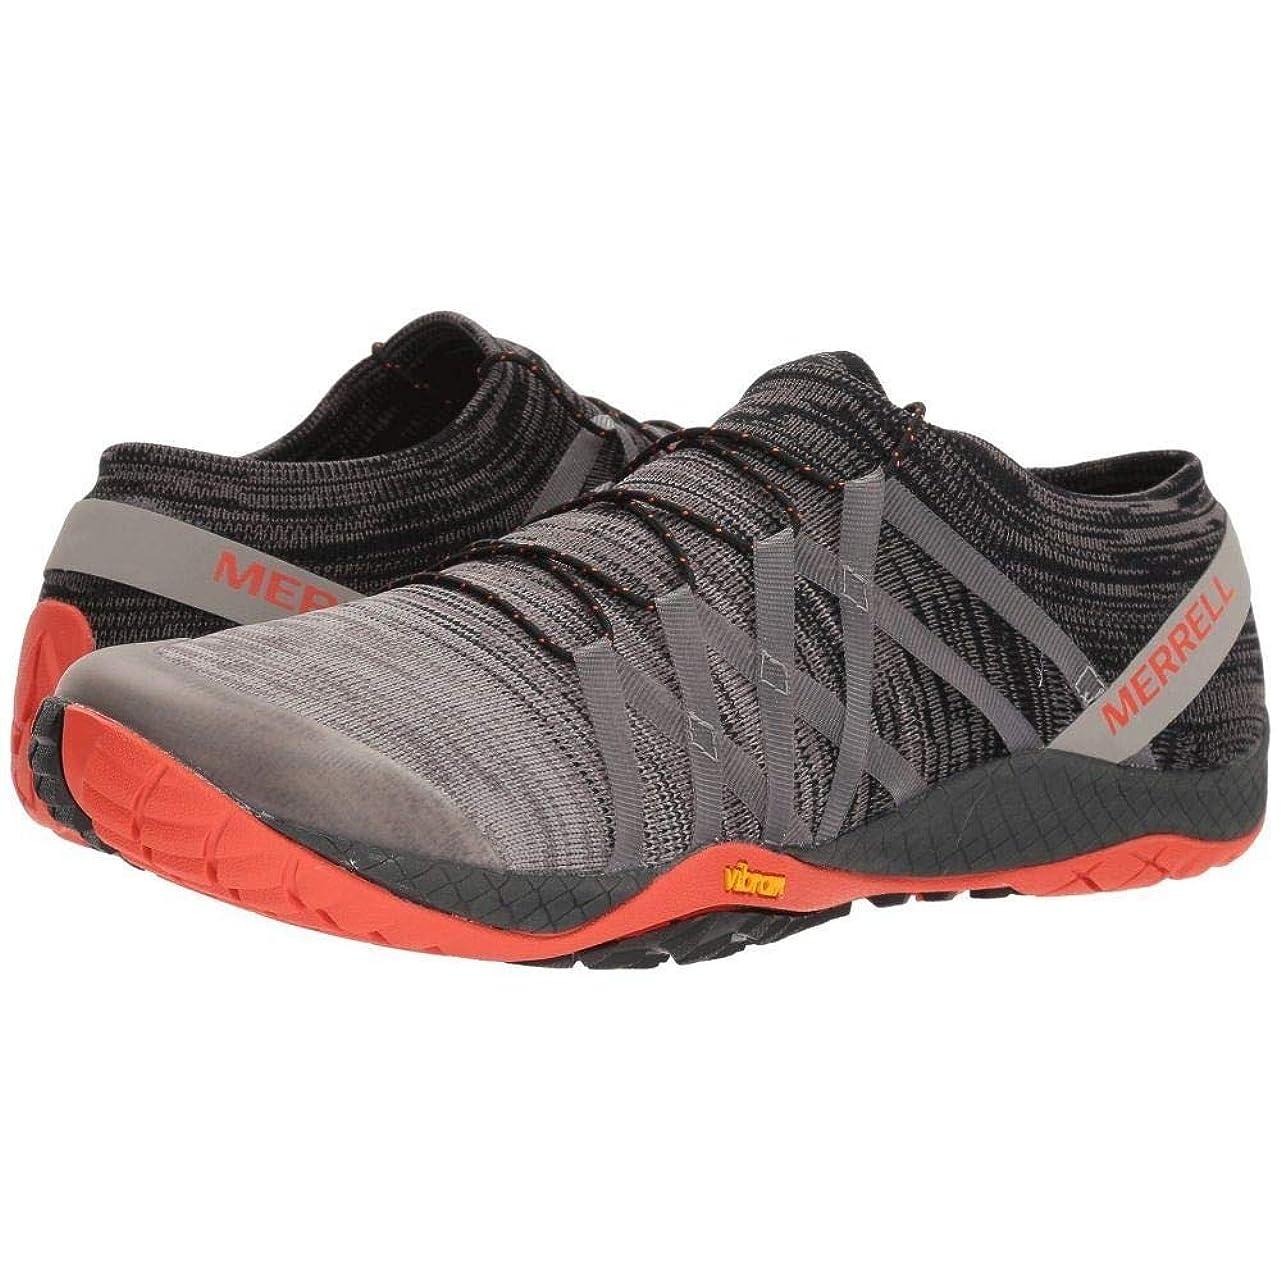 ストラトフォードオンエイボン町神経[メレル] メンズ ランニング?ウォーキング シューズ?靴 Trail Glove 4 Knit Charcoal サイズ8.5xM [並行輸入品]